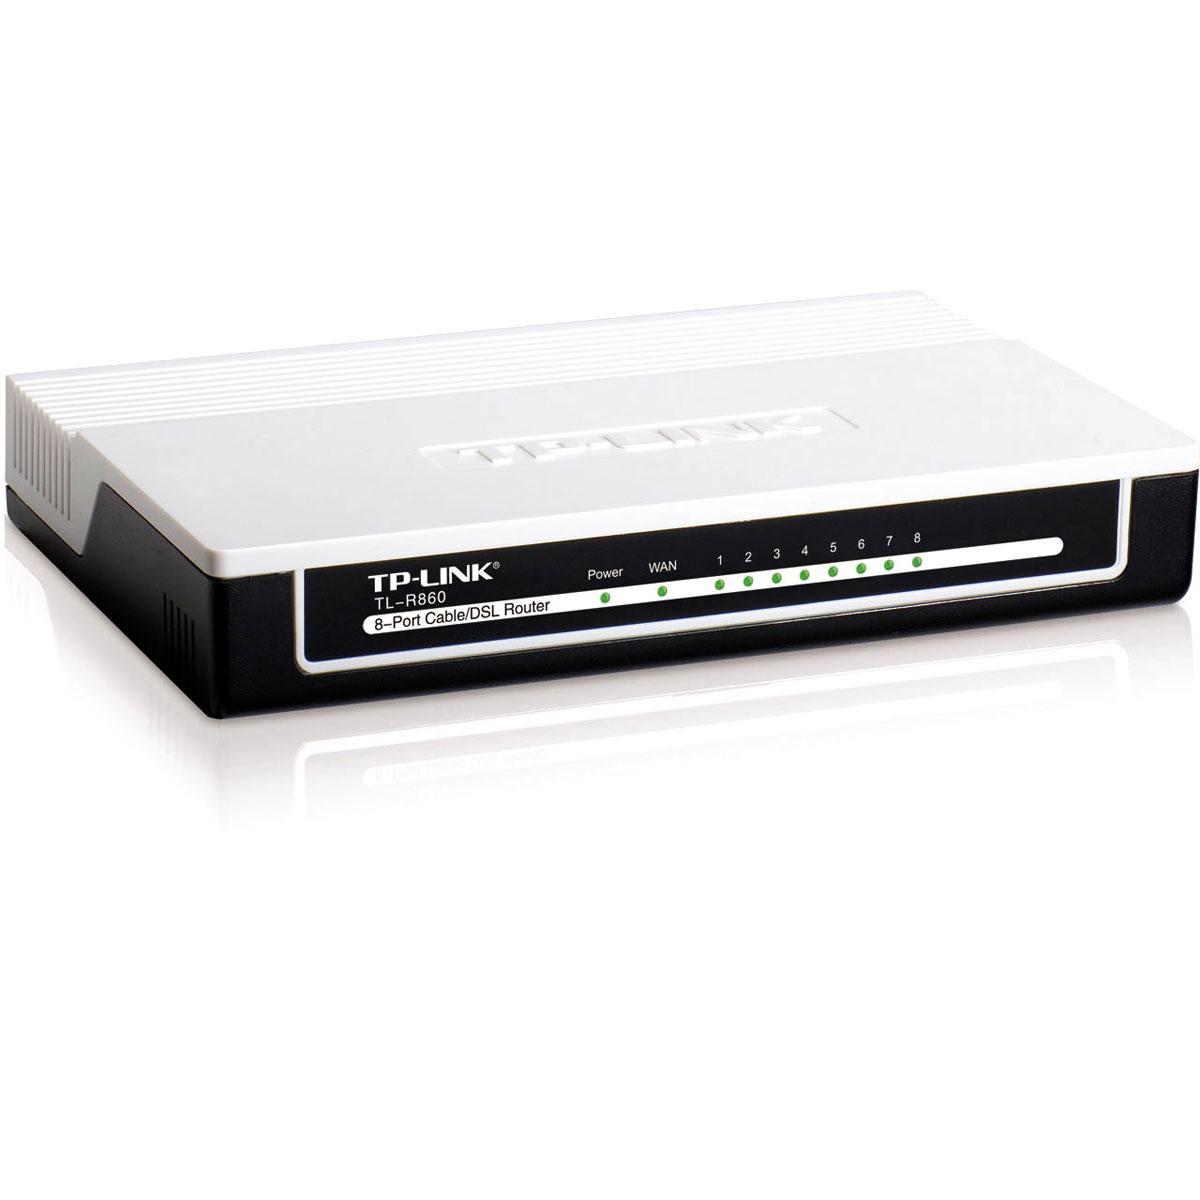 Modem & routeur TP-LINK TL-R860 Routeur 8 ports 10/100 Mbps